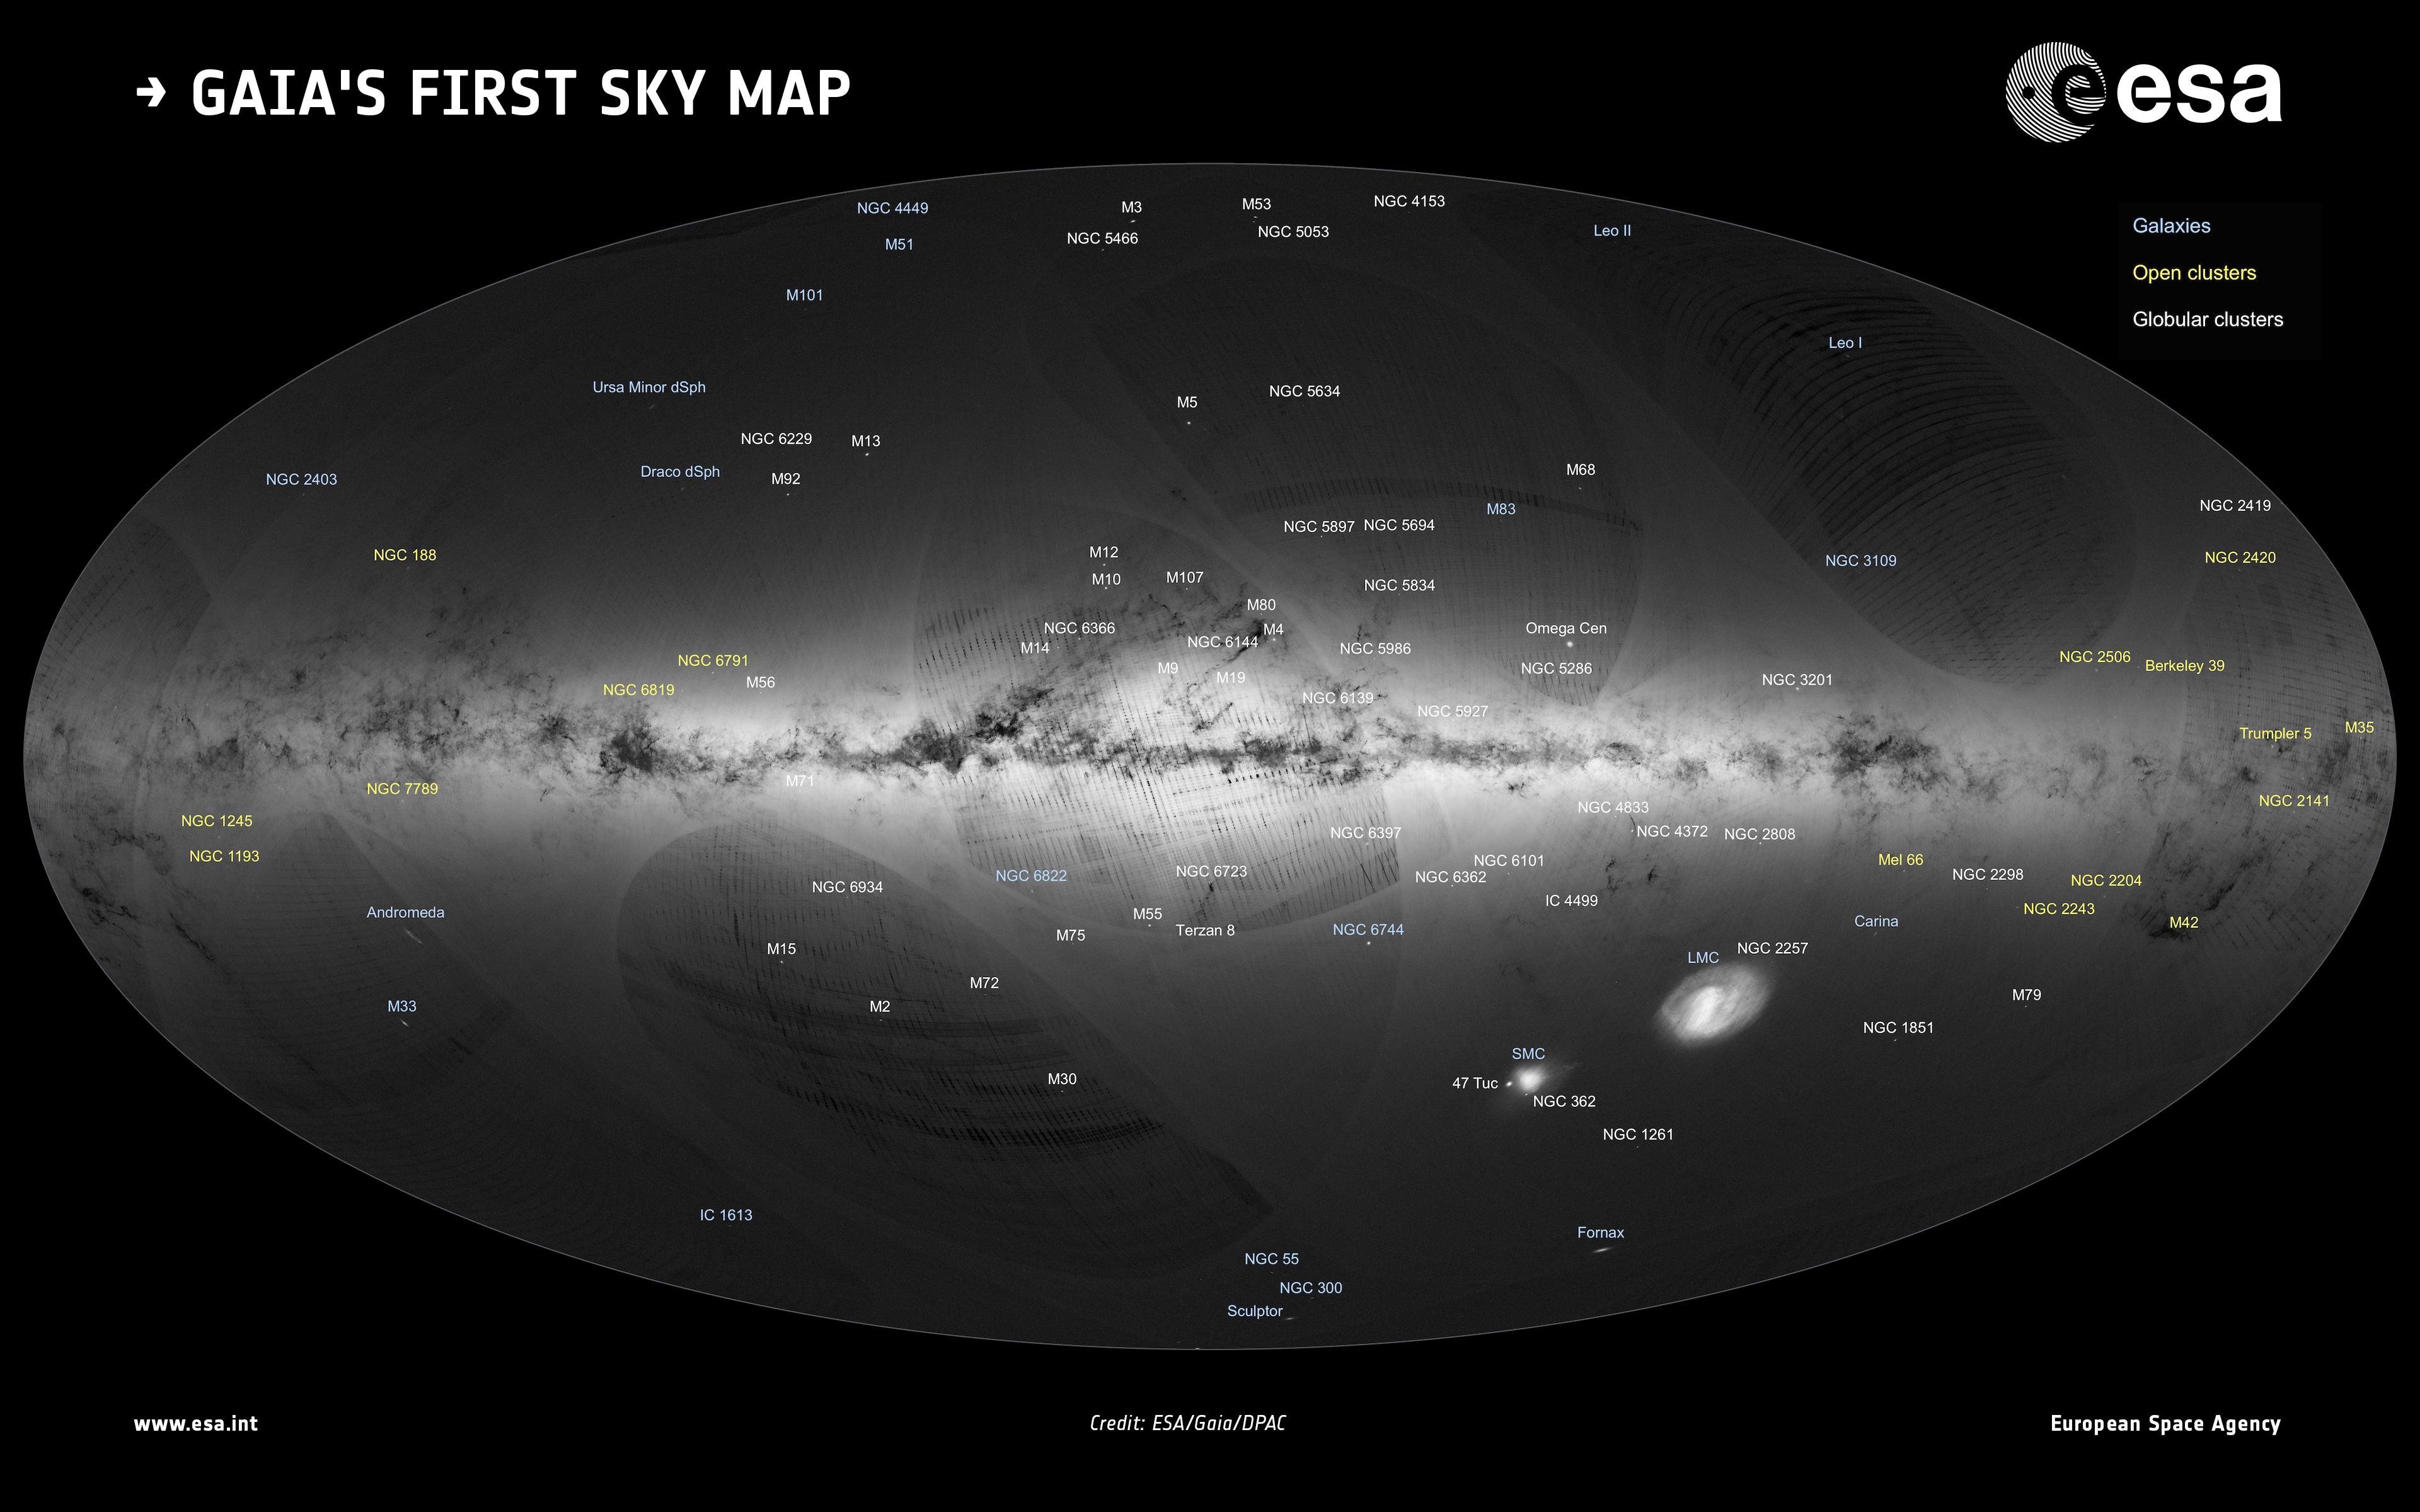 gaiaによる天の川銀河の謎を解き明かすための最初の天球地図が公開された